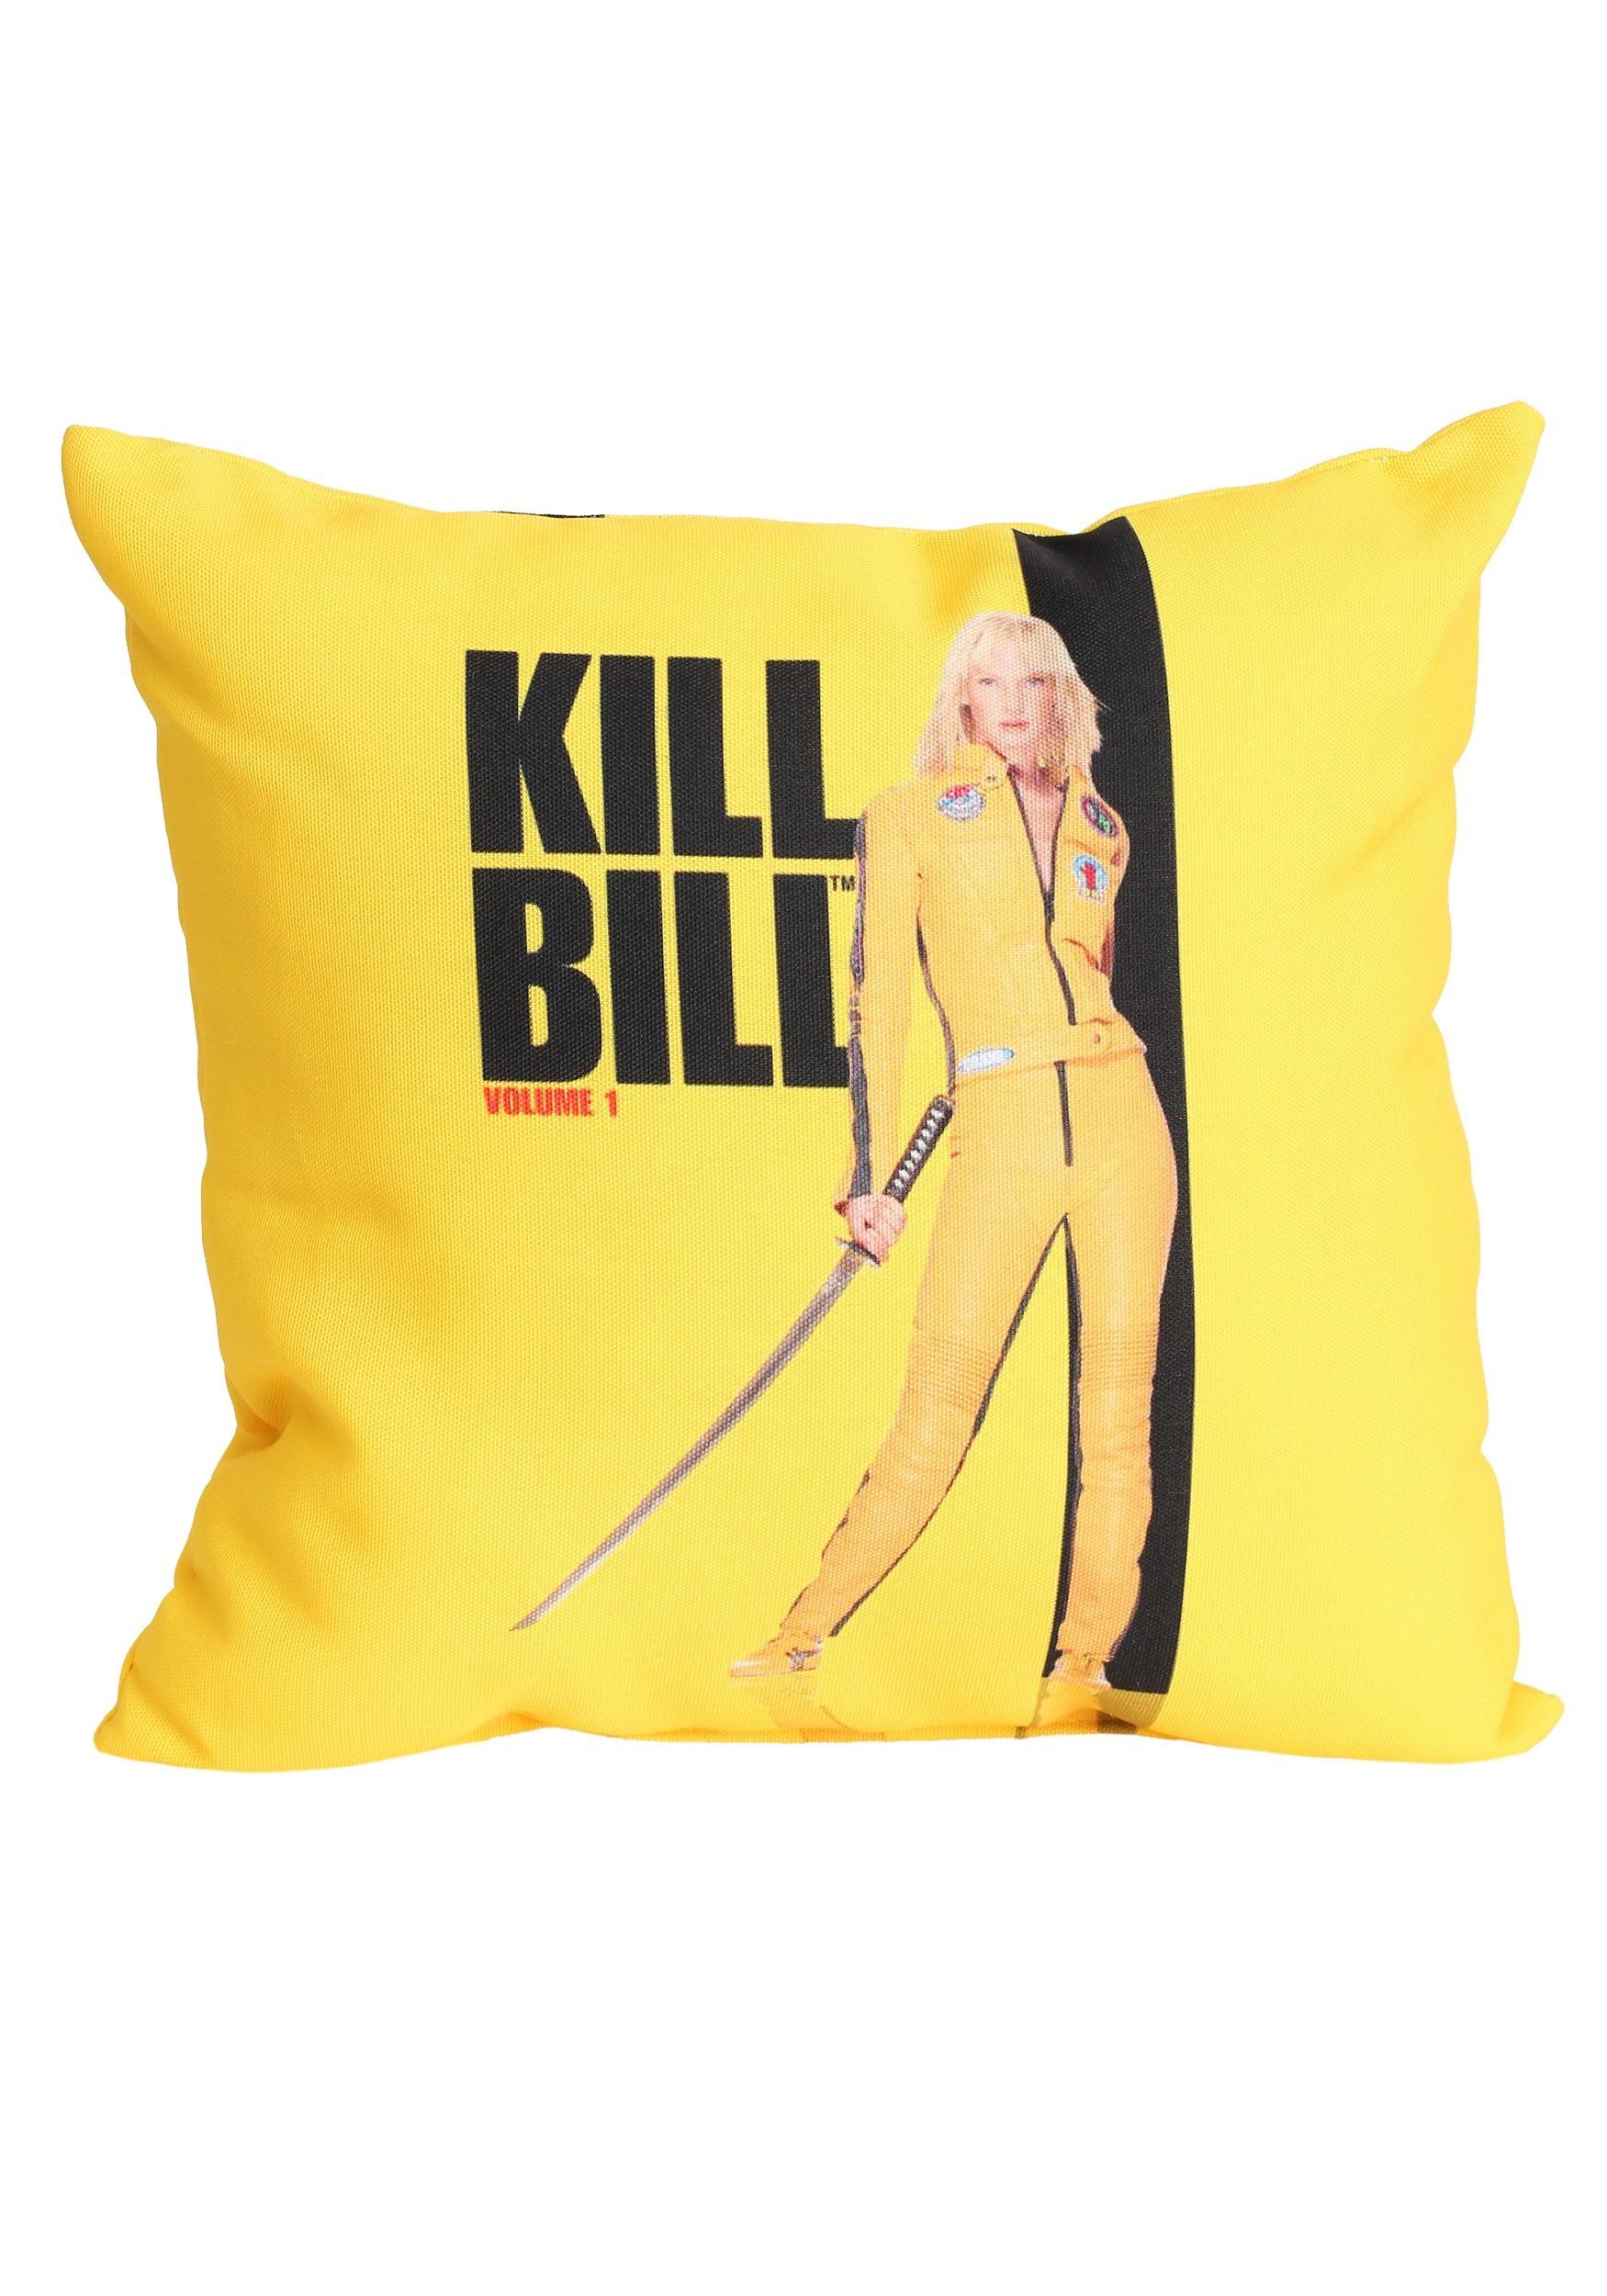 Kill Bill Volume 1 Poster 14